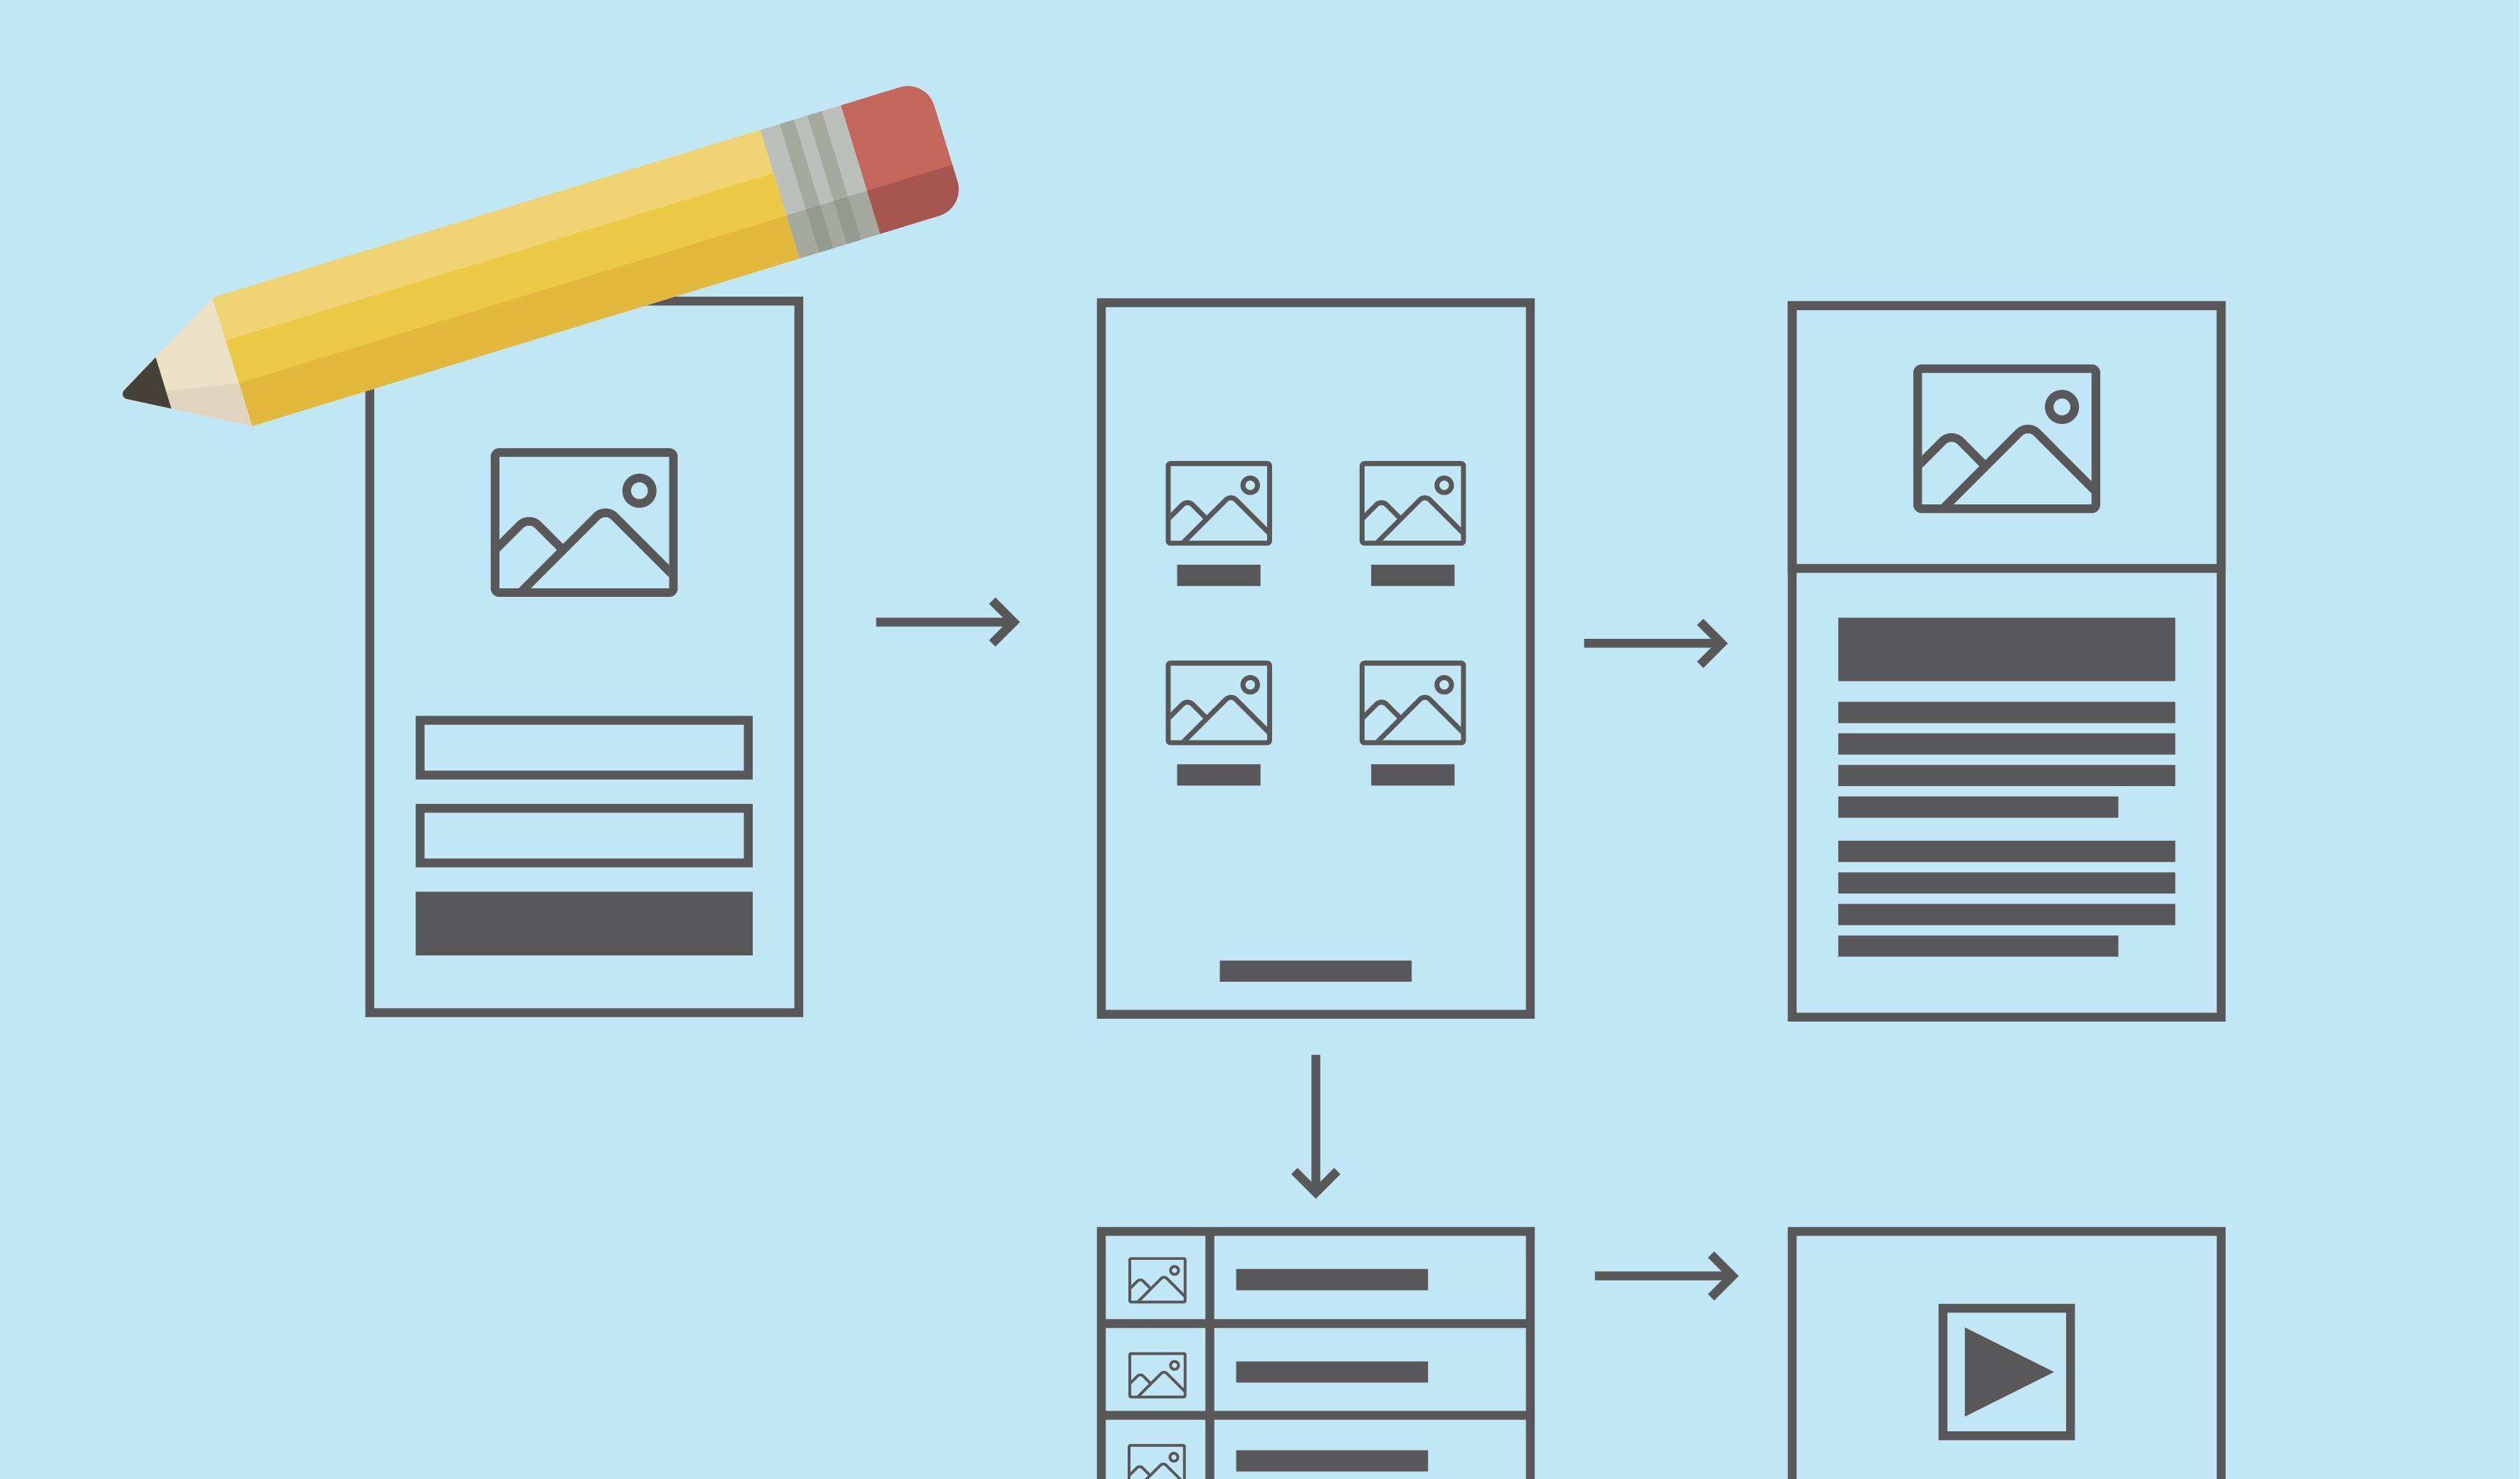 Como criar um app em 7 passos fáceis?